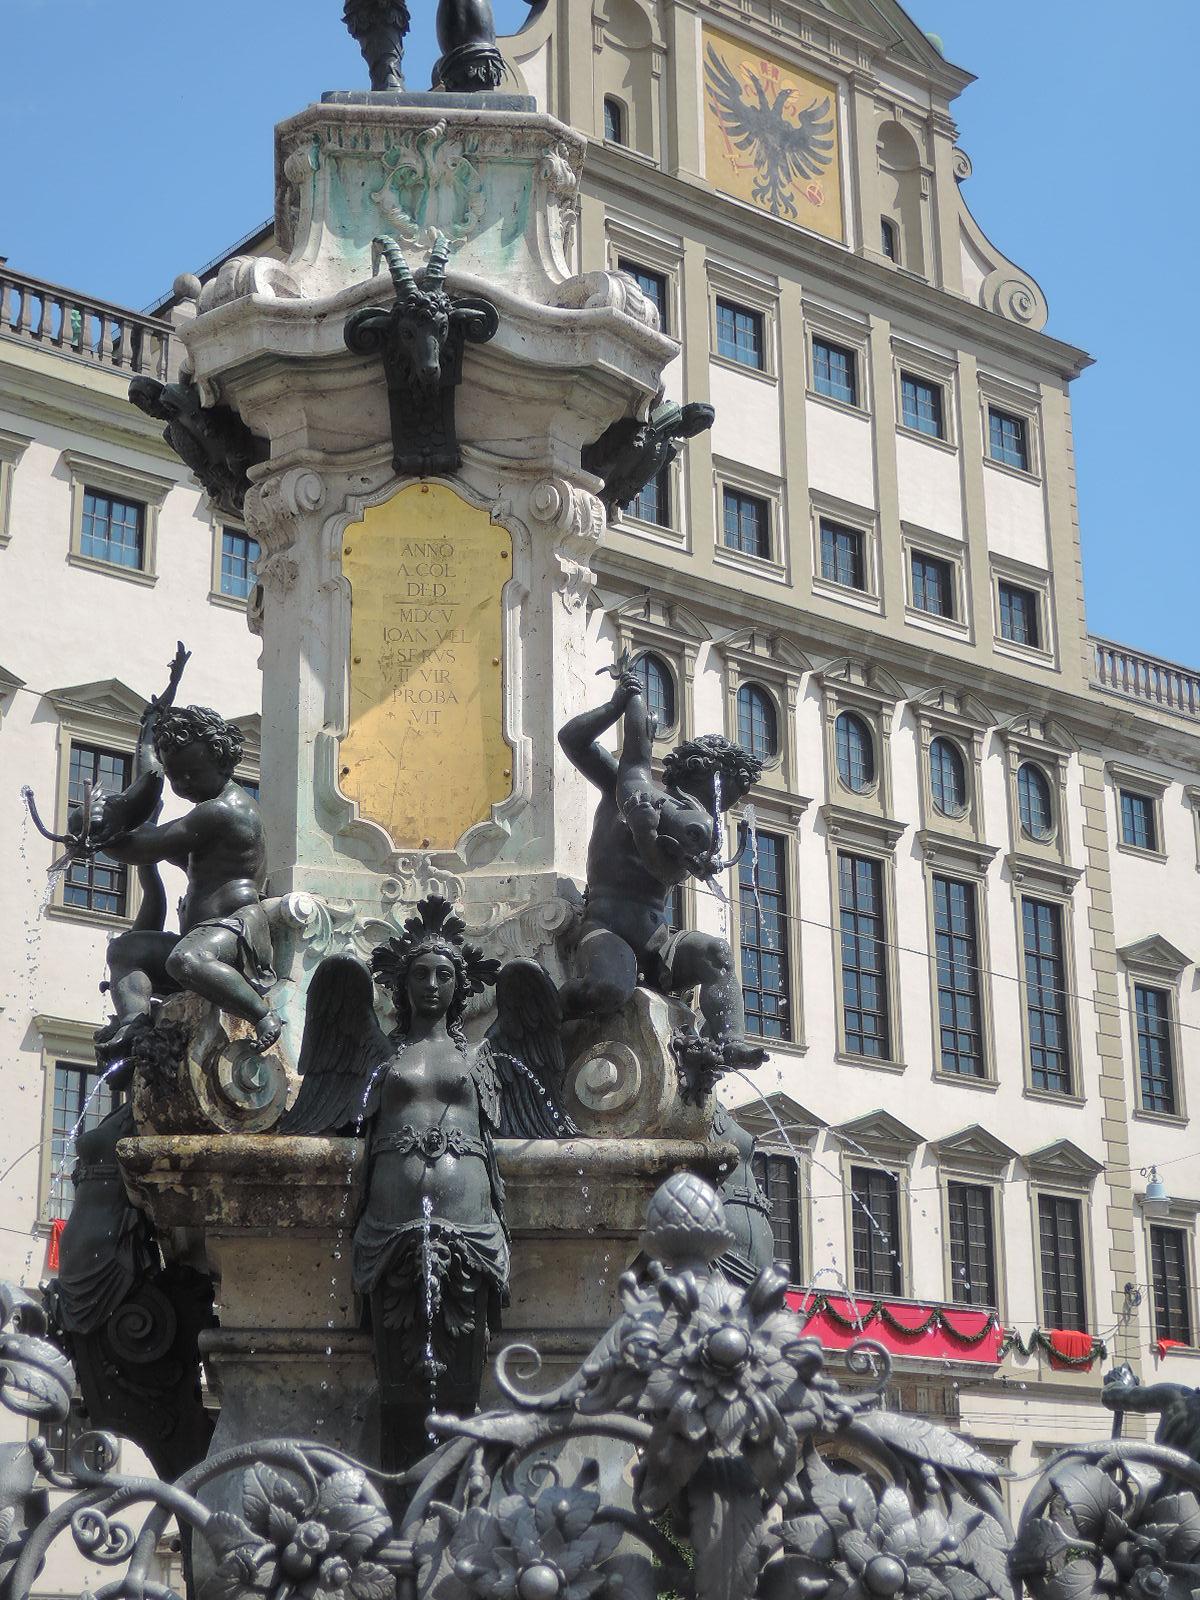 Estatua y fuente del emperador Augusto, junto al Ayuntamiento de la ciudad.